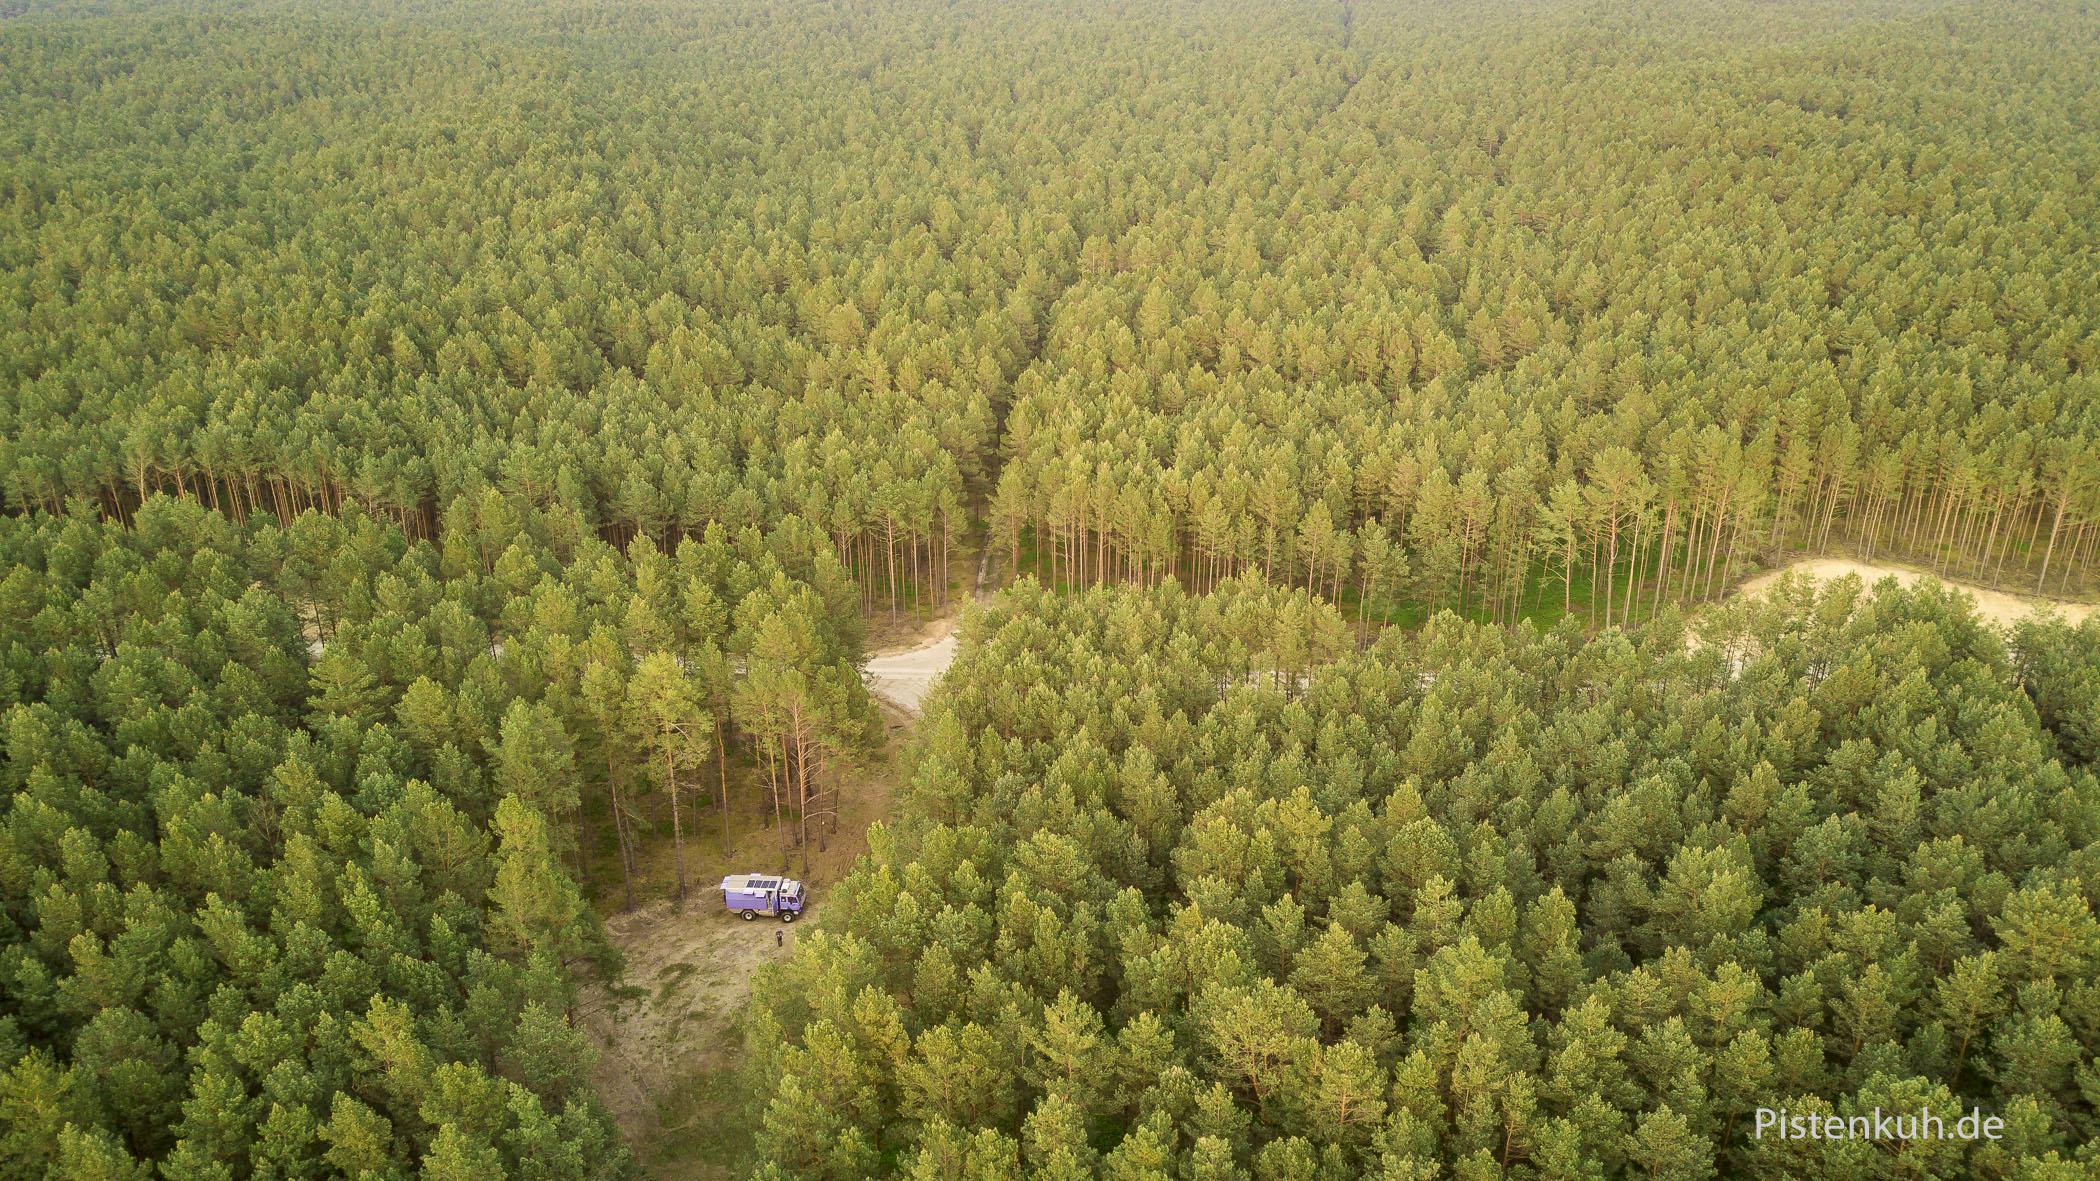 Übernachtungsplatz im Wald